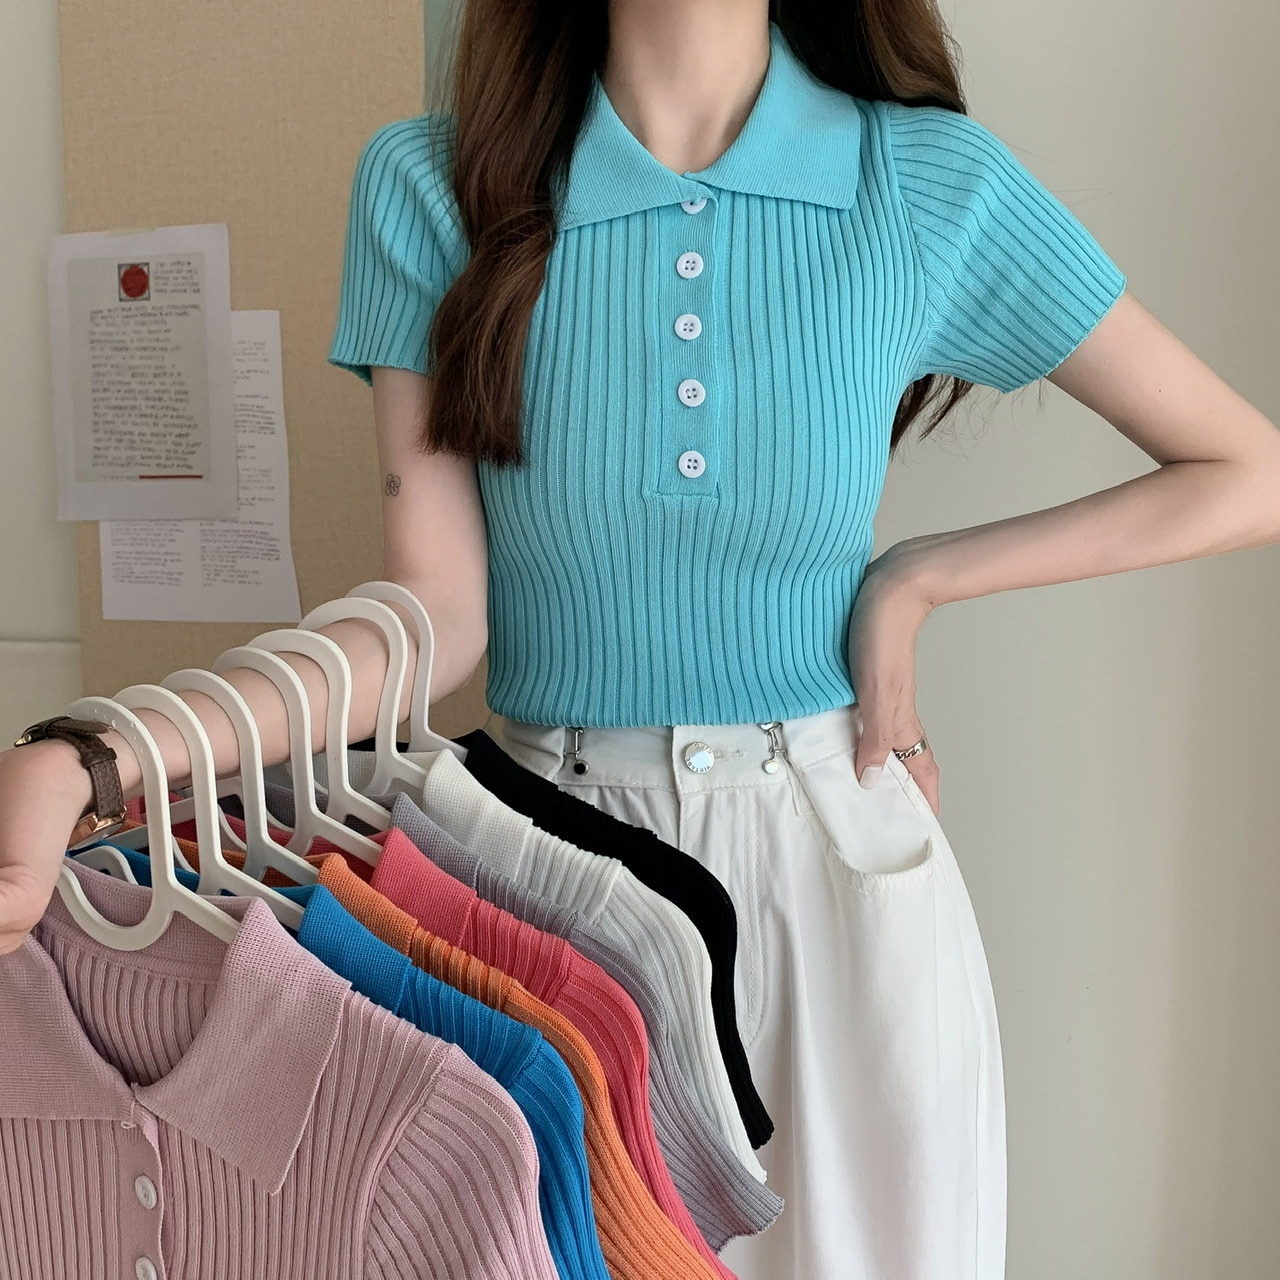 ITOOLIN Женская ребристая рубашка поло на пуговицах, Женская шикарная Простая рубашка-поло с коротким рукавом, яркие цвета, топ, эластичная Облегающая рубашка, трикотажная | Женская одежда | АлиЭкспресс